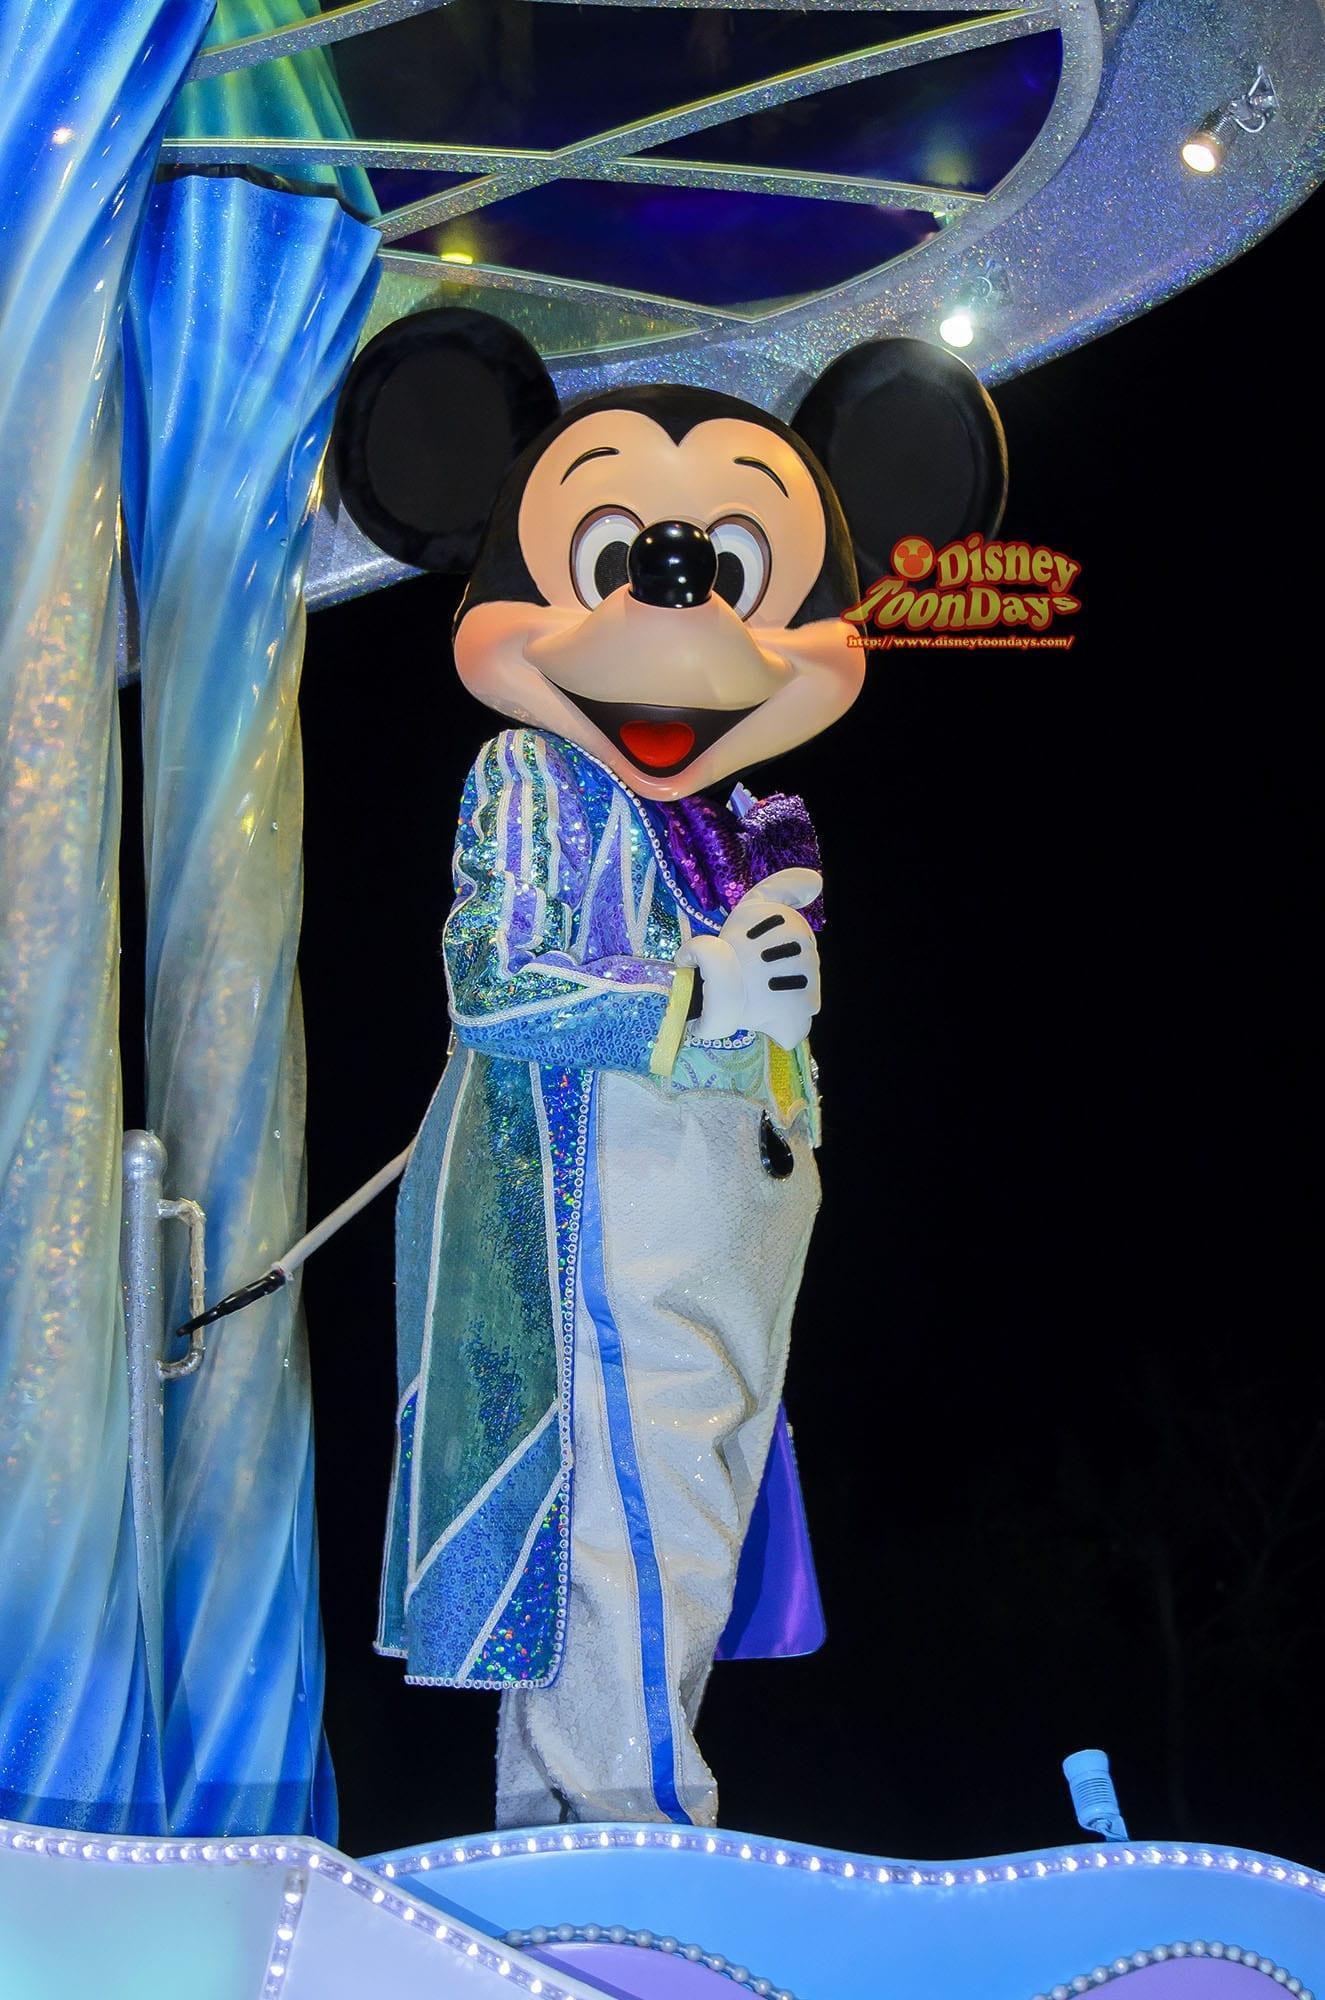 TDL ディズニーJCBカード5周年記念スペシャルナイトat東京ディズニーランド プライベートイブニングパーティー ナイトフォールグロウ ミッキーマウス